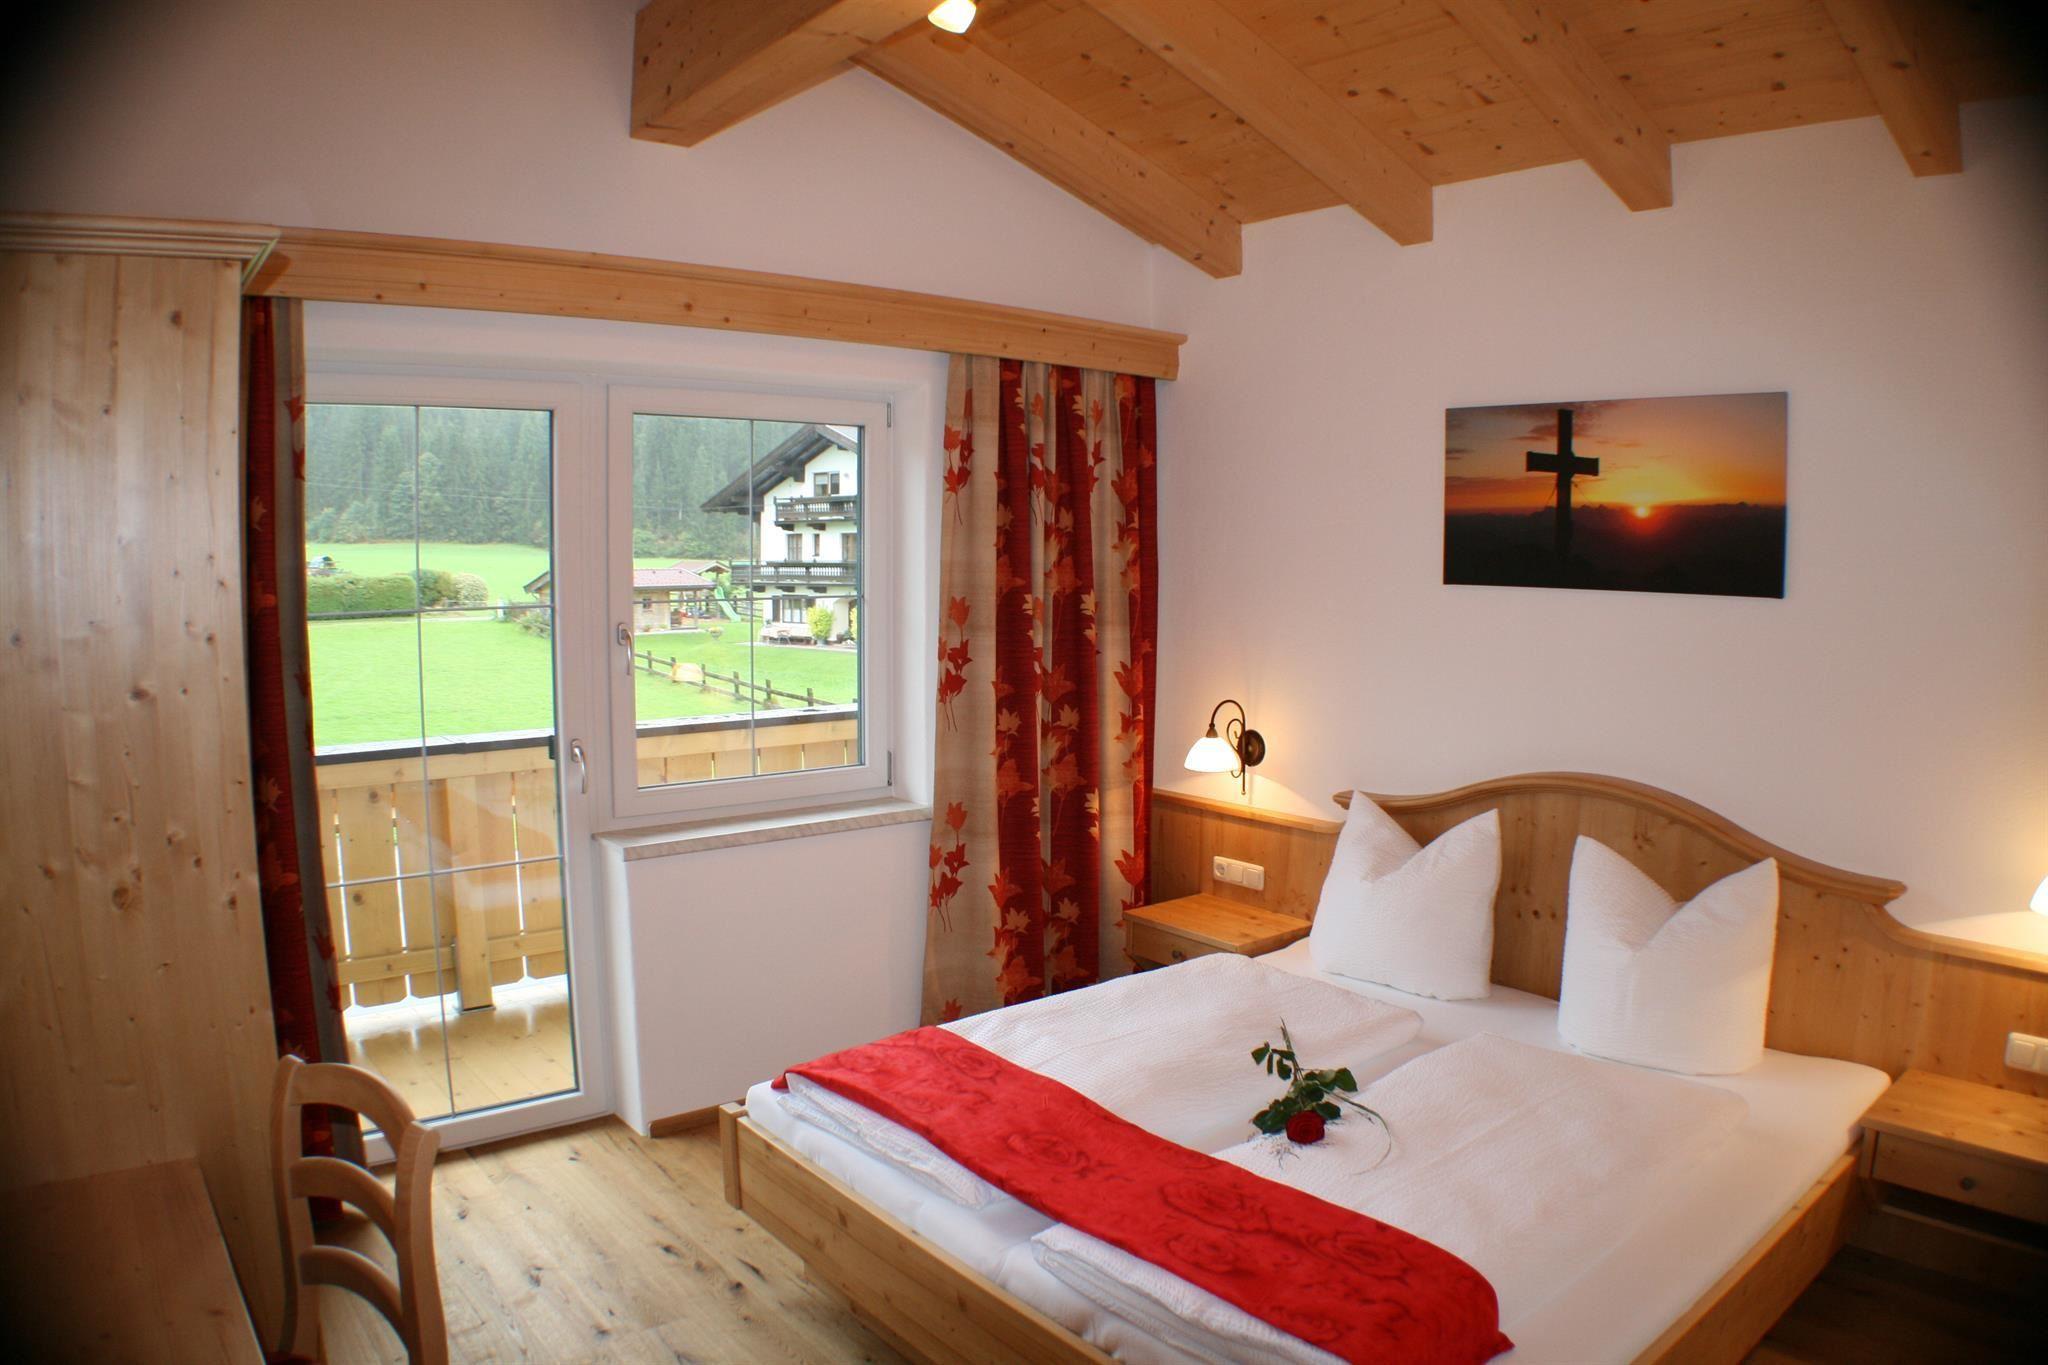 Ferienhaus 4 Schlafzimmer | Appartement Und Ferienhaus Hinterlechnerhof Westendorf